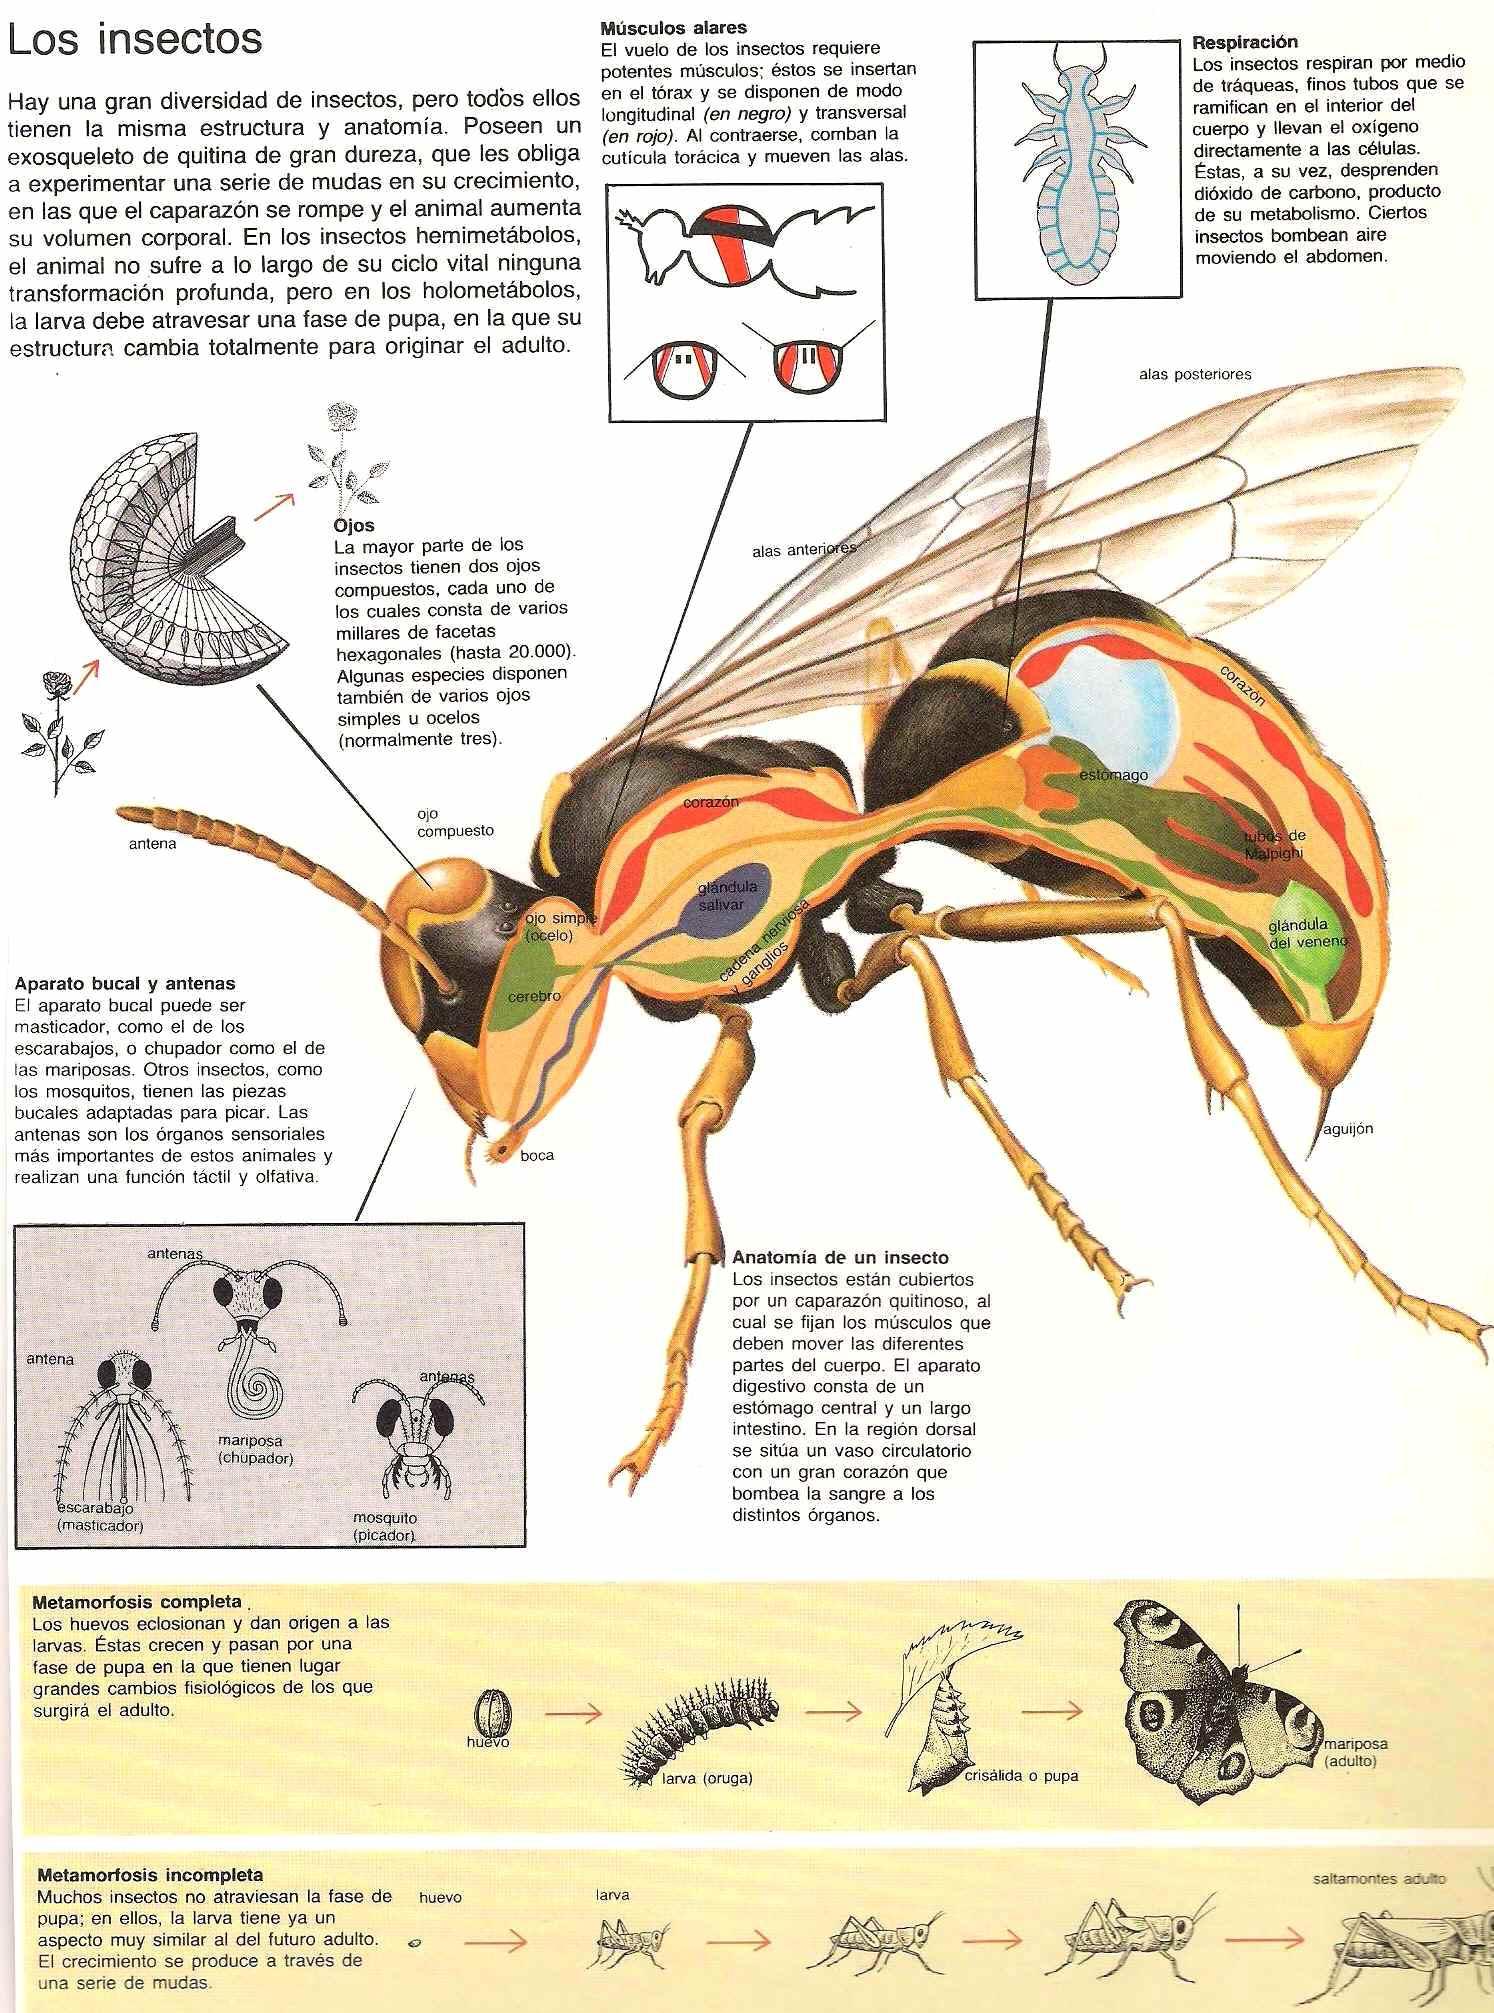 Vistoso Anatomía Hedor Insecto Bandera - Anatomía de Las Imágenesdel ...